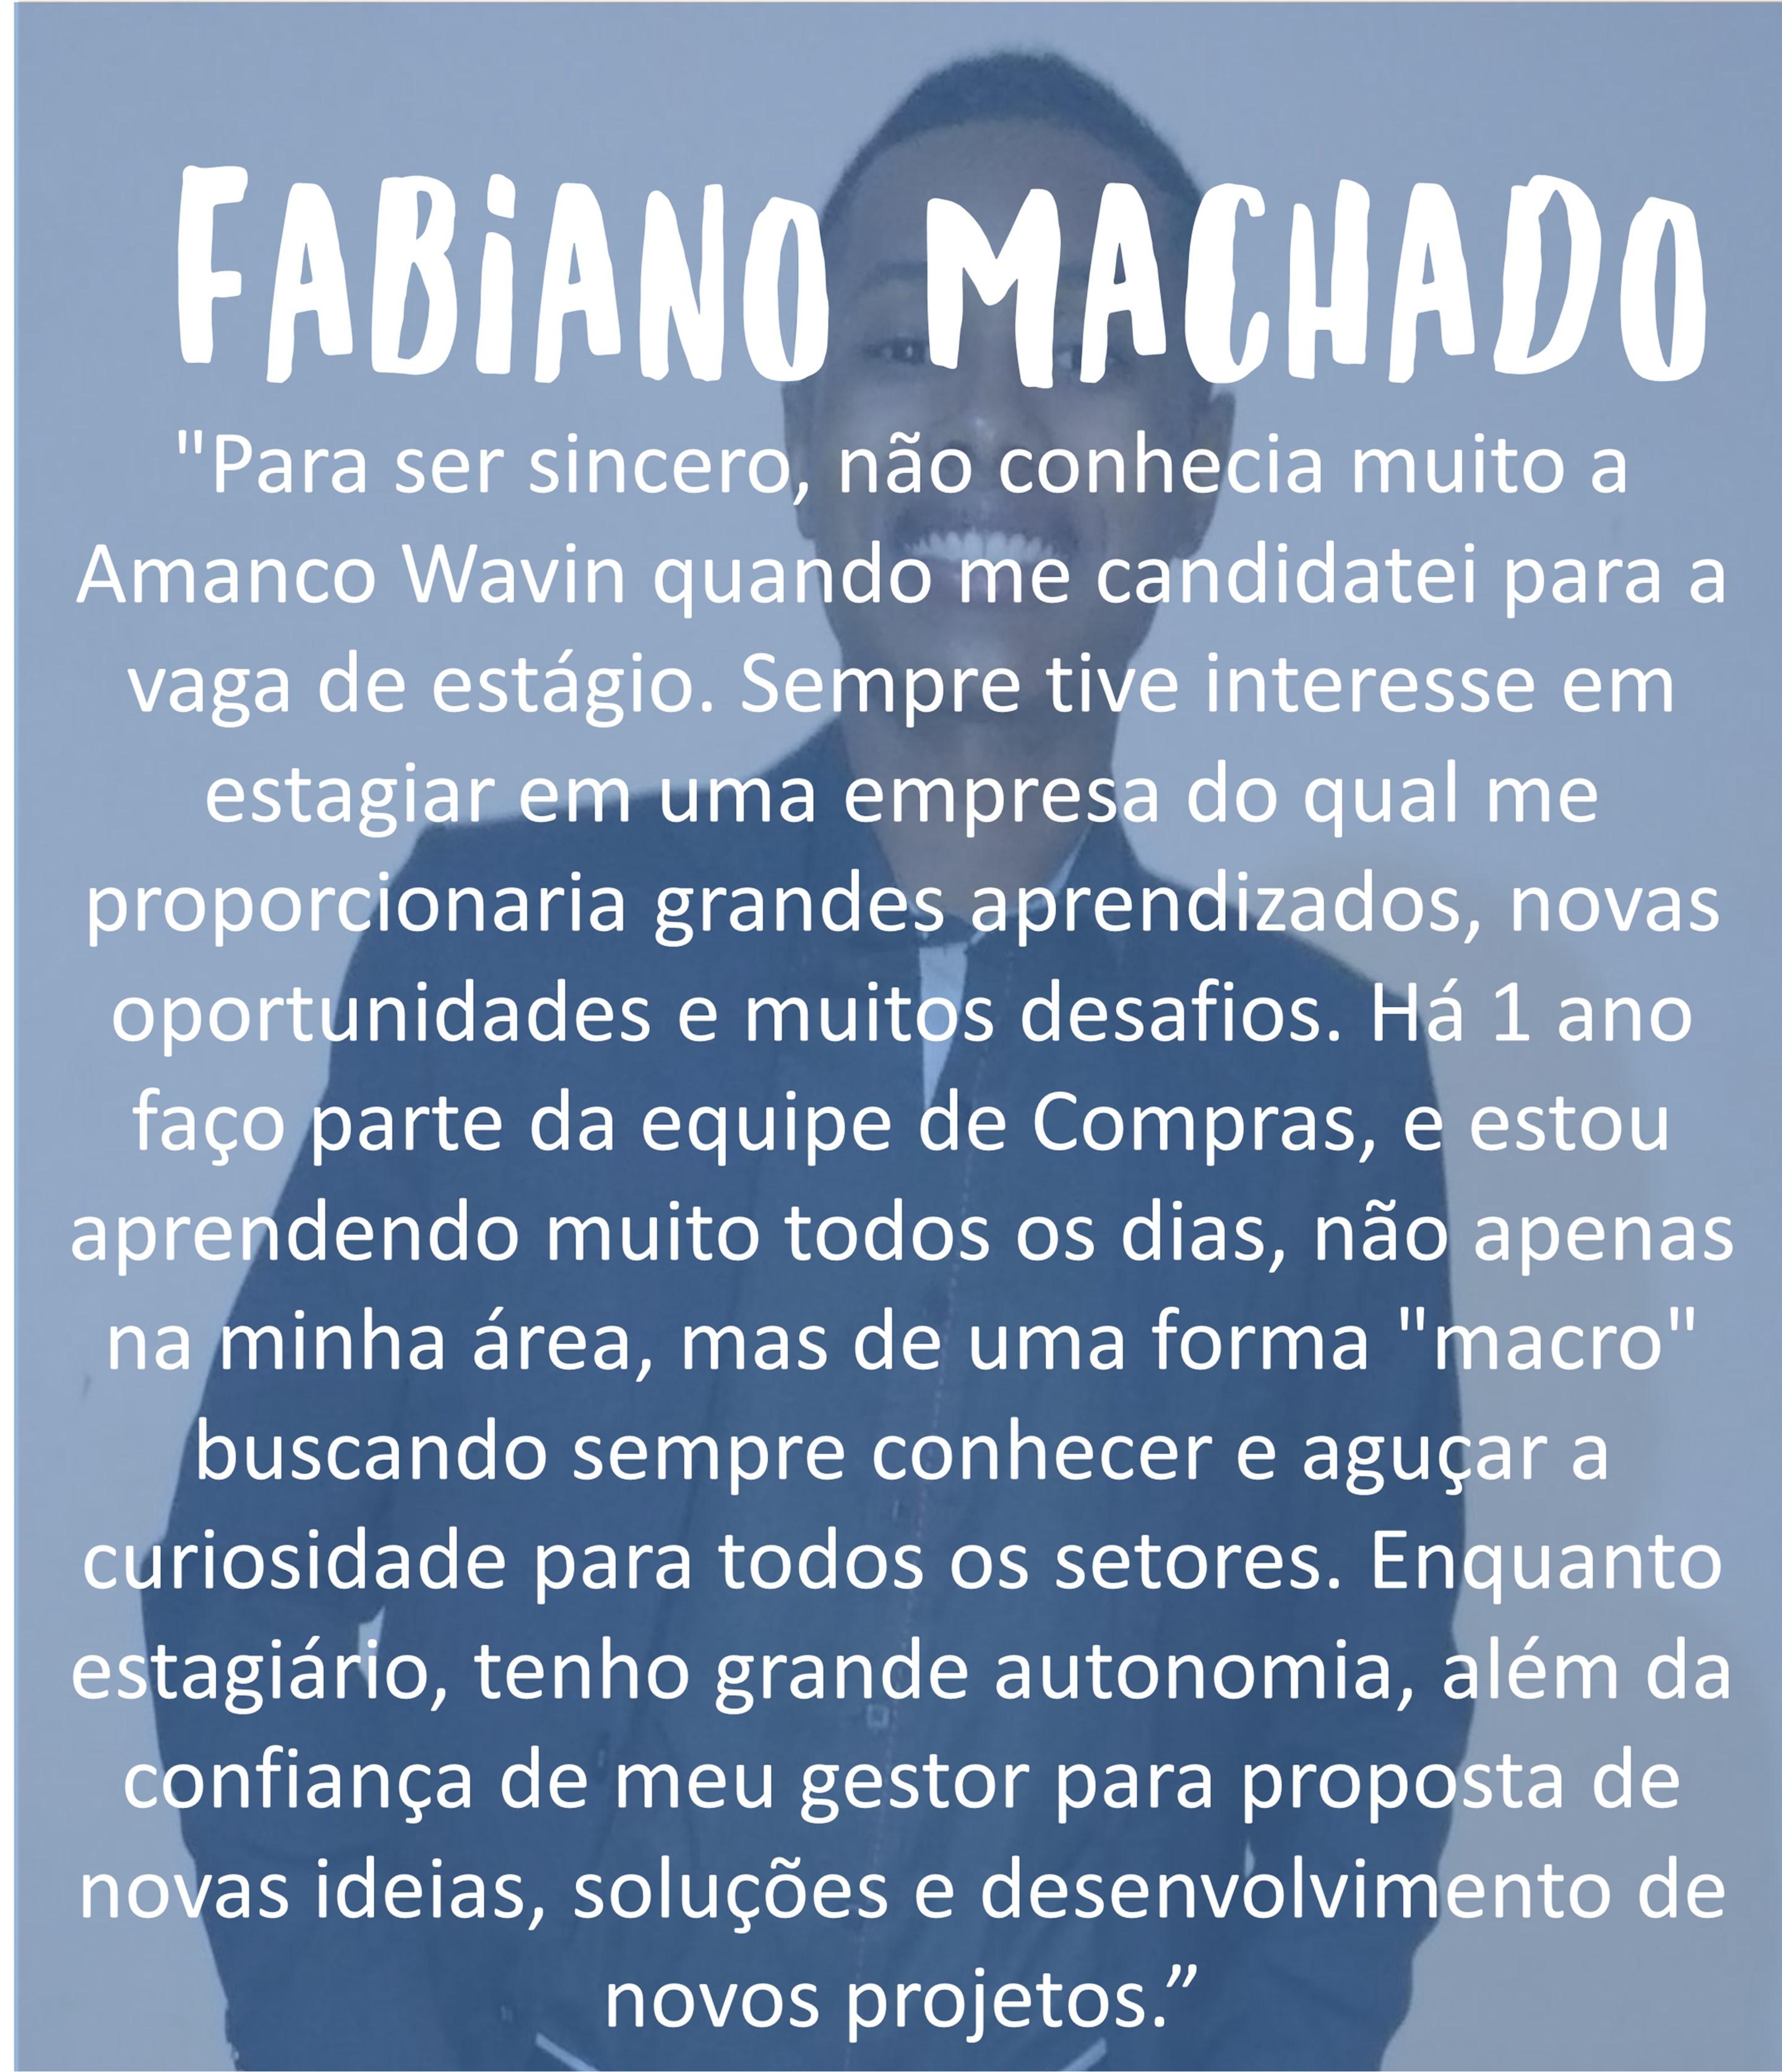 Estagiário de Compras em Ribeirão das Neves - Minas Gerais